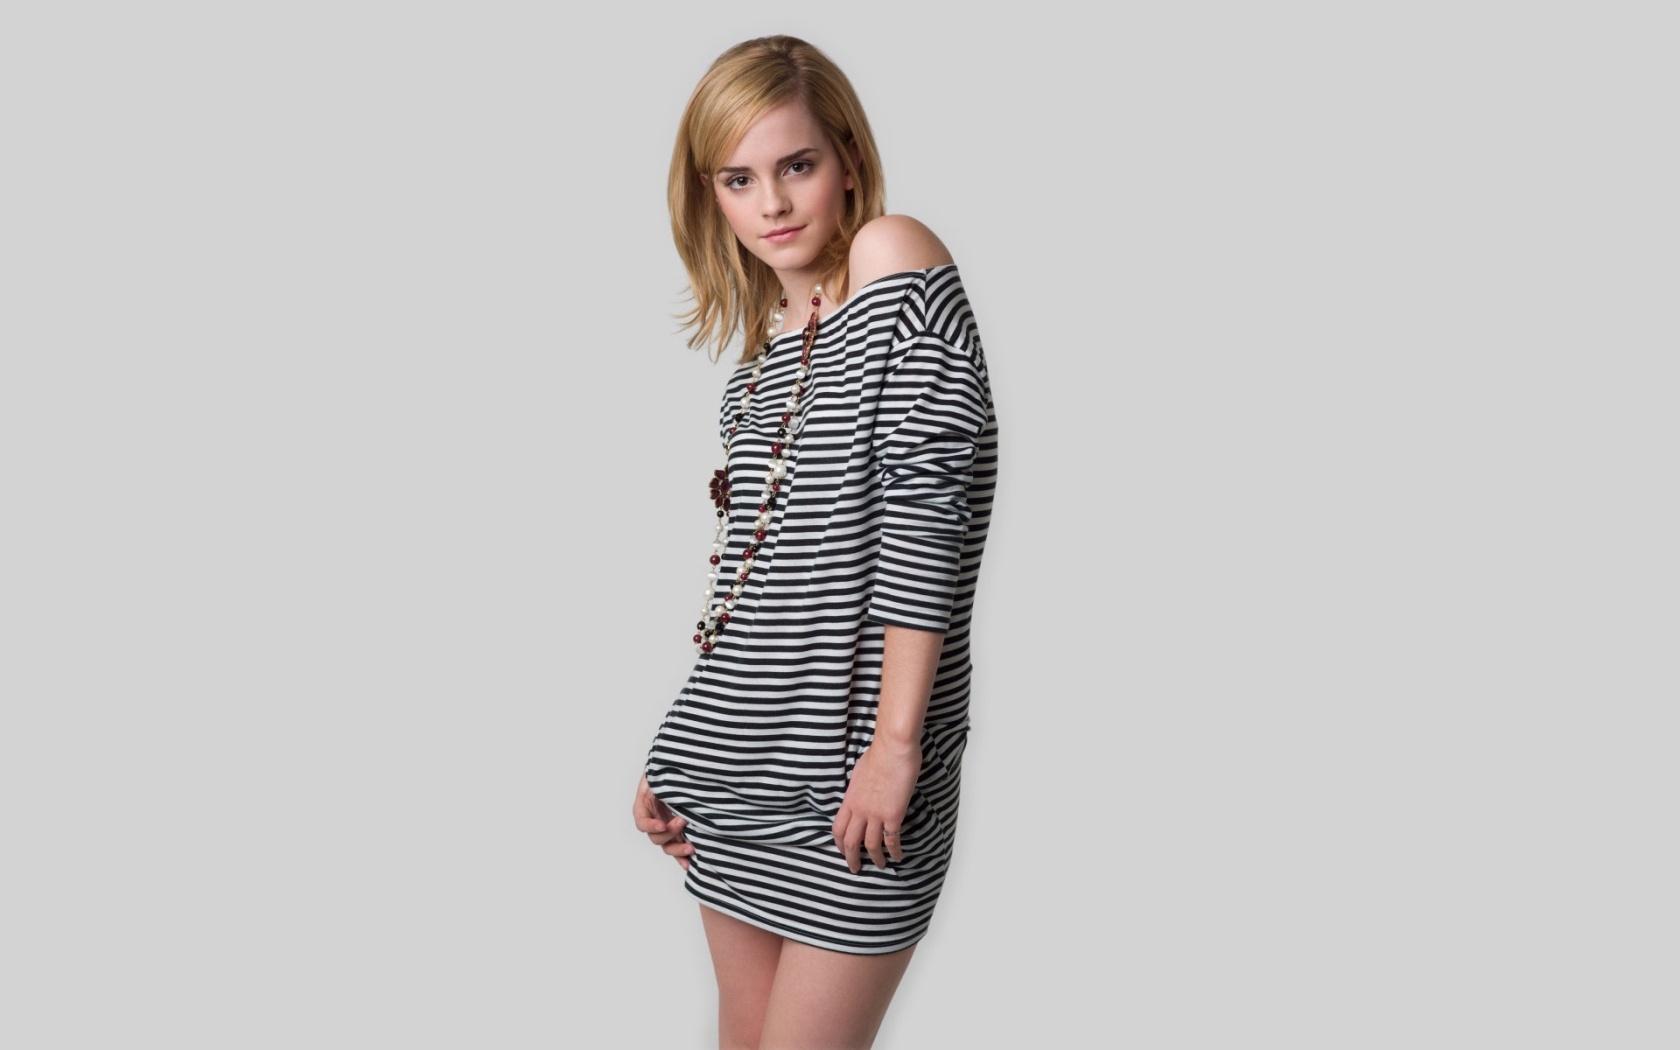 Hermosa Emma Watson - 1680x1050